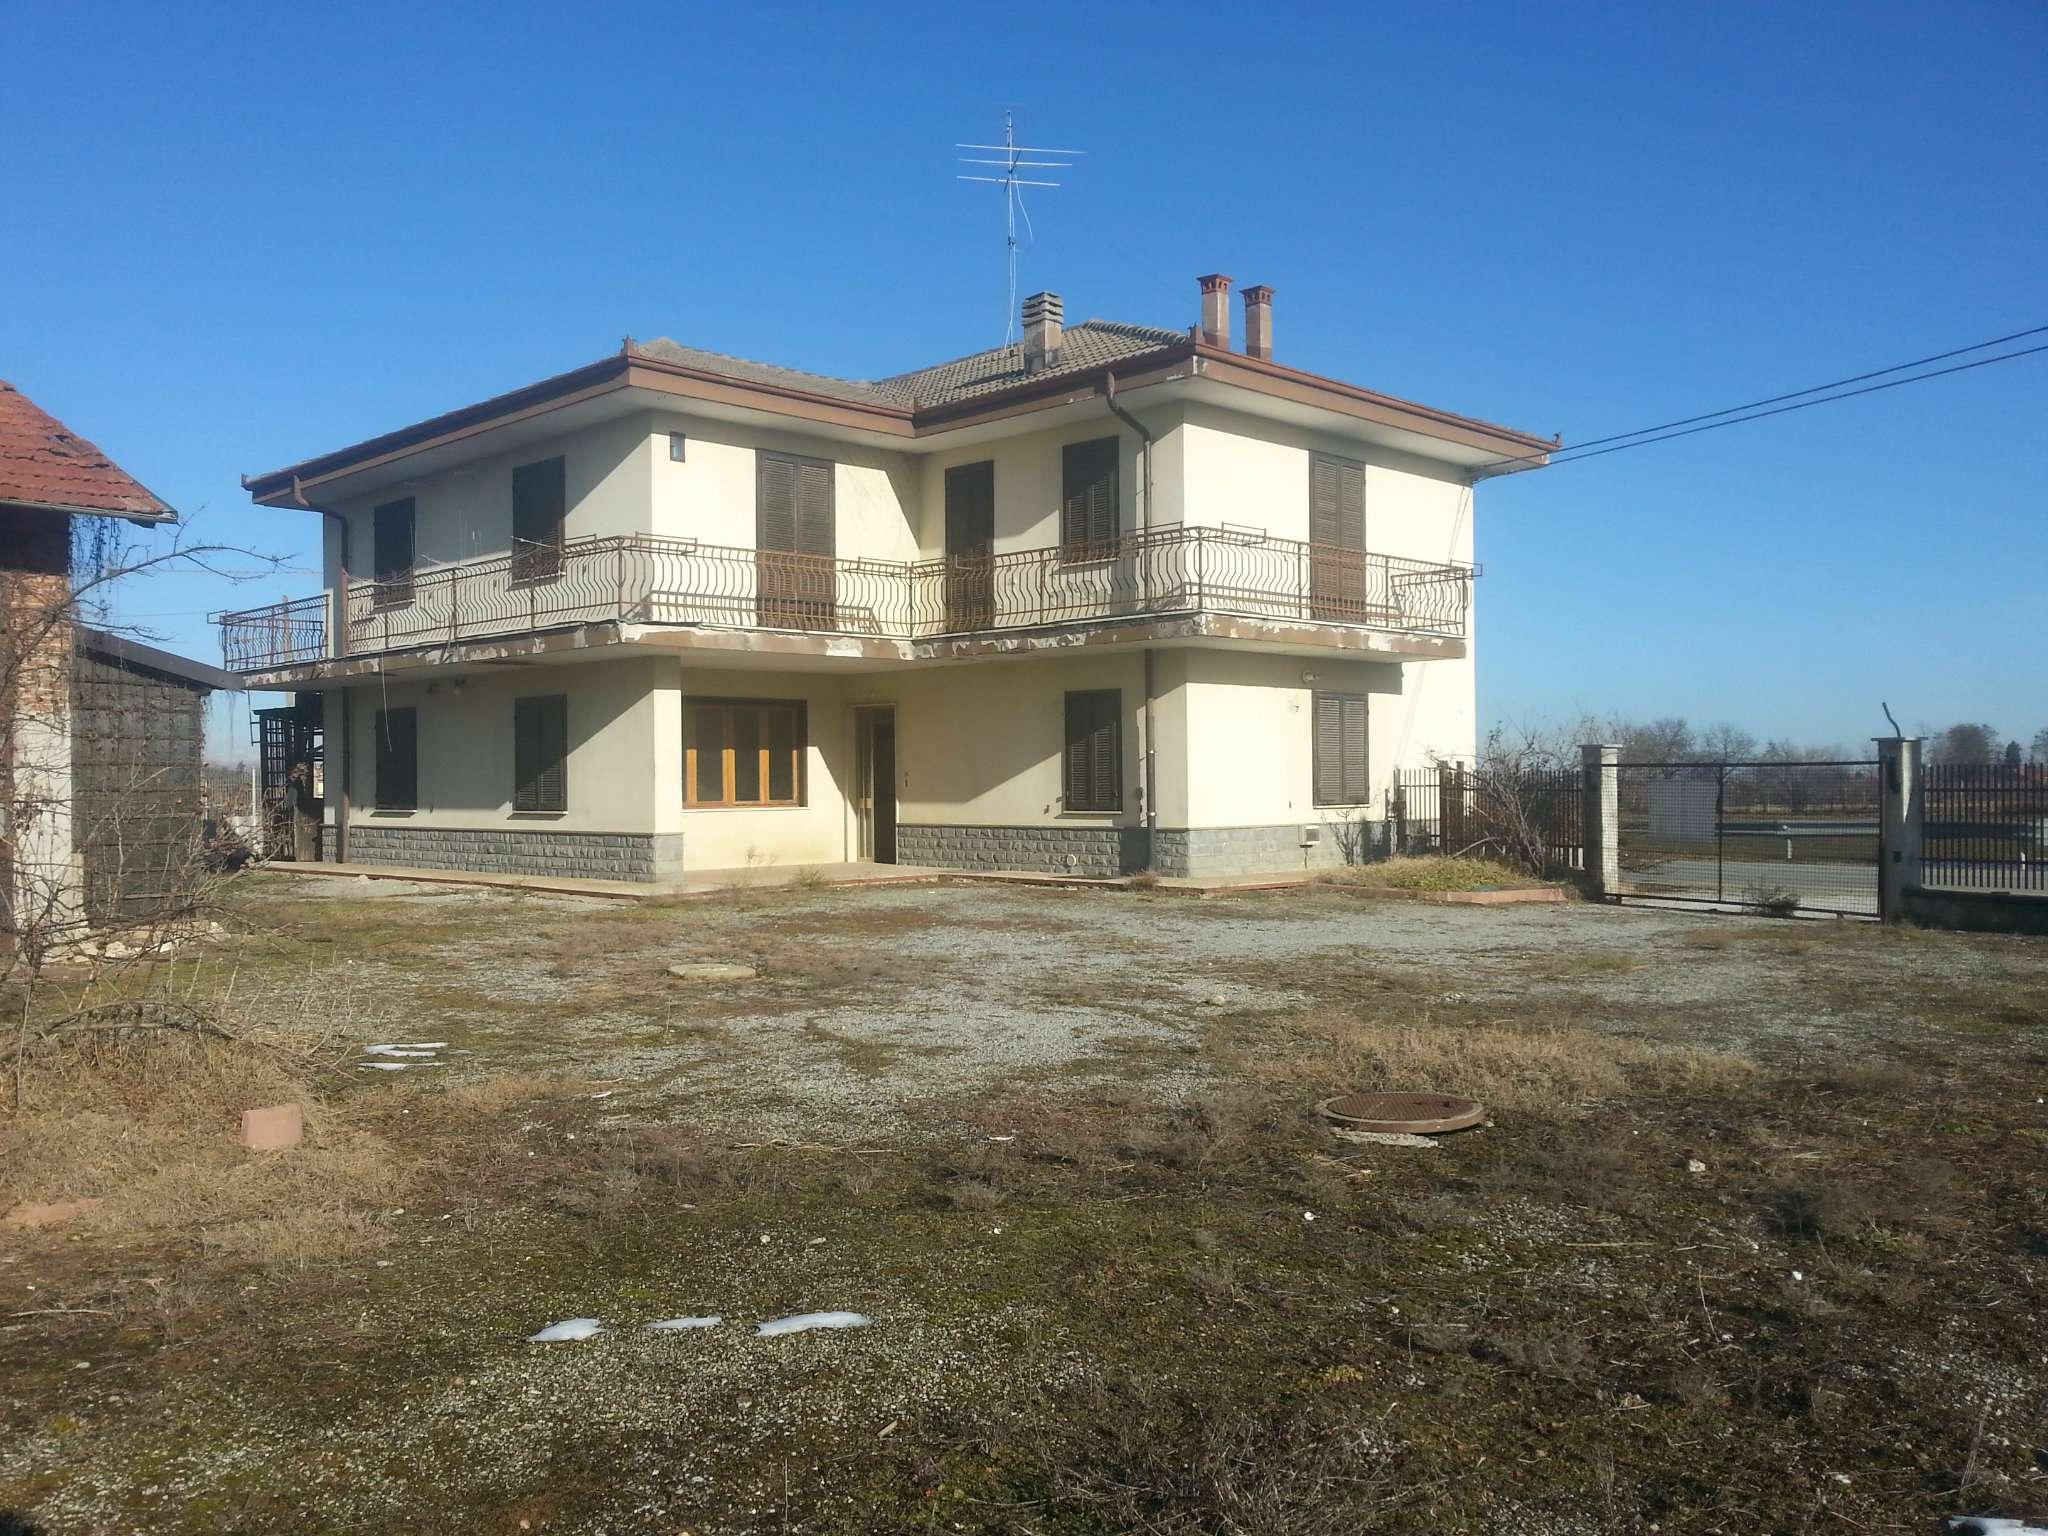 Soluzione Indipendente in vendita a Cuneo, 8 locali, prezzo € 245.000 | Cambio Casa.it